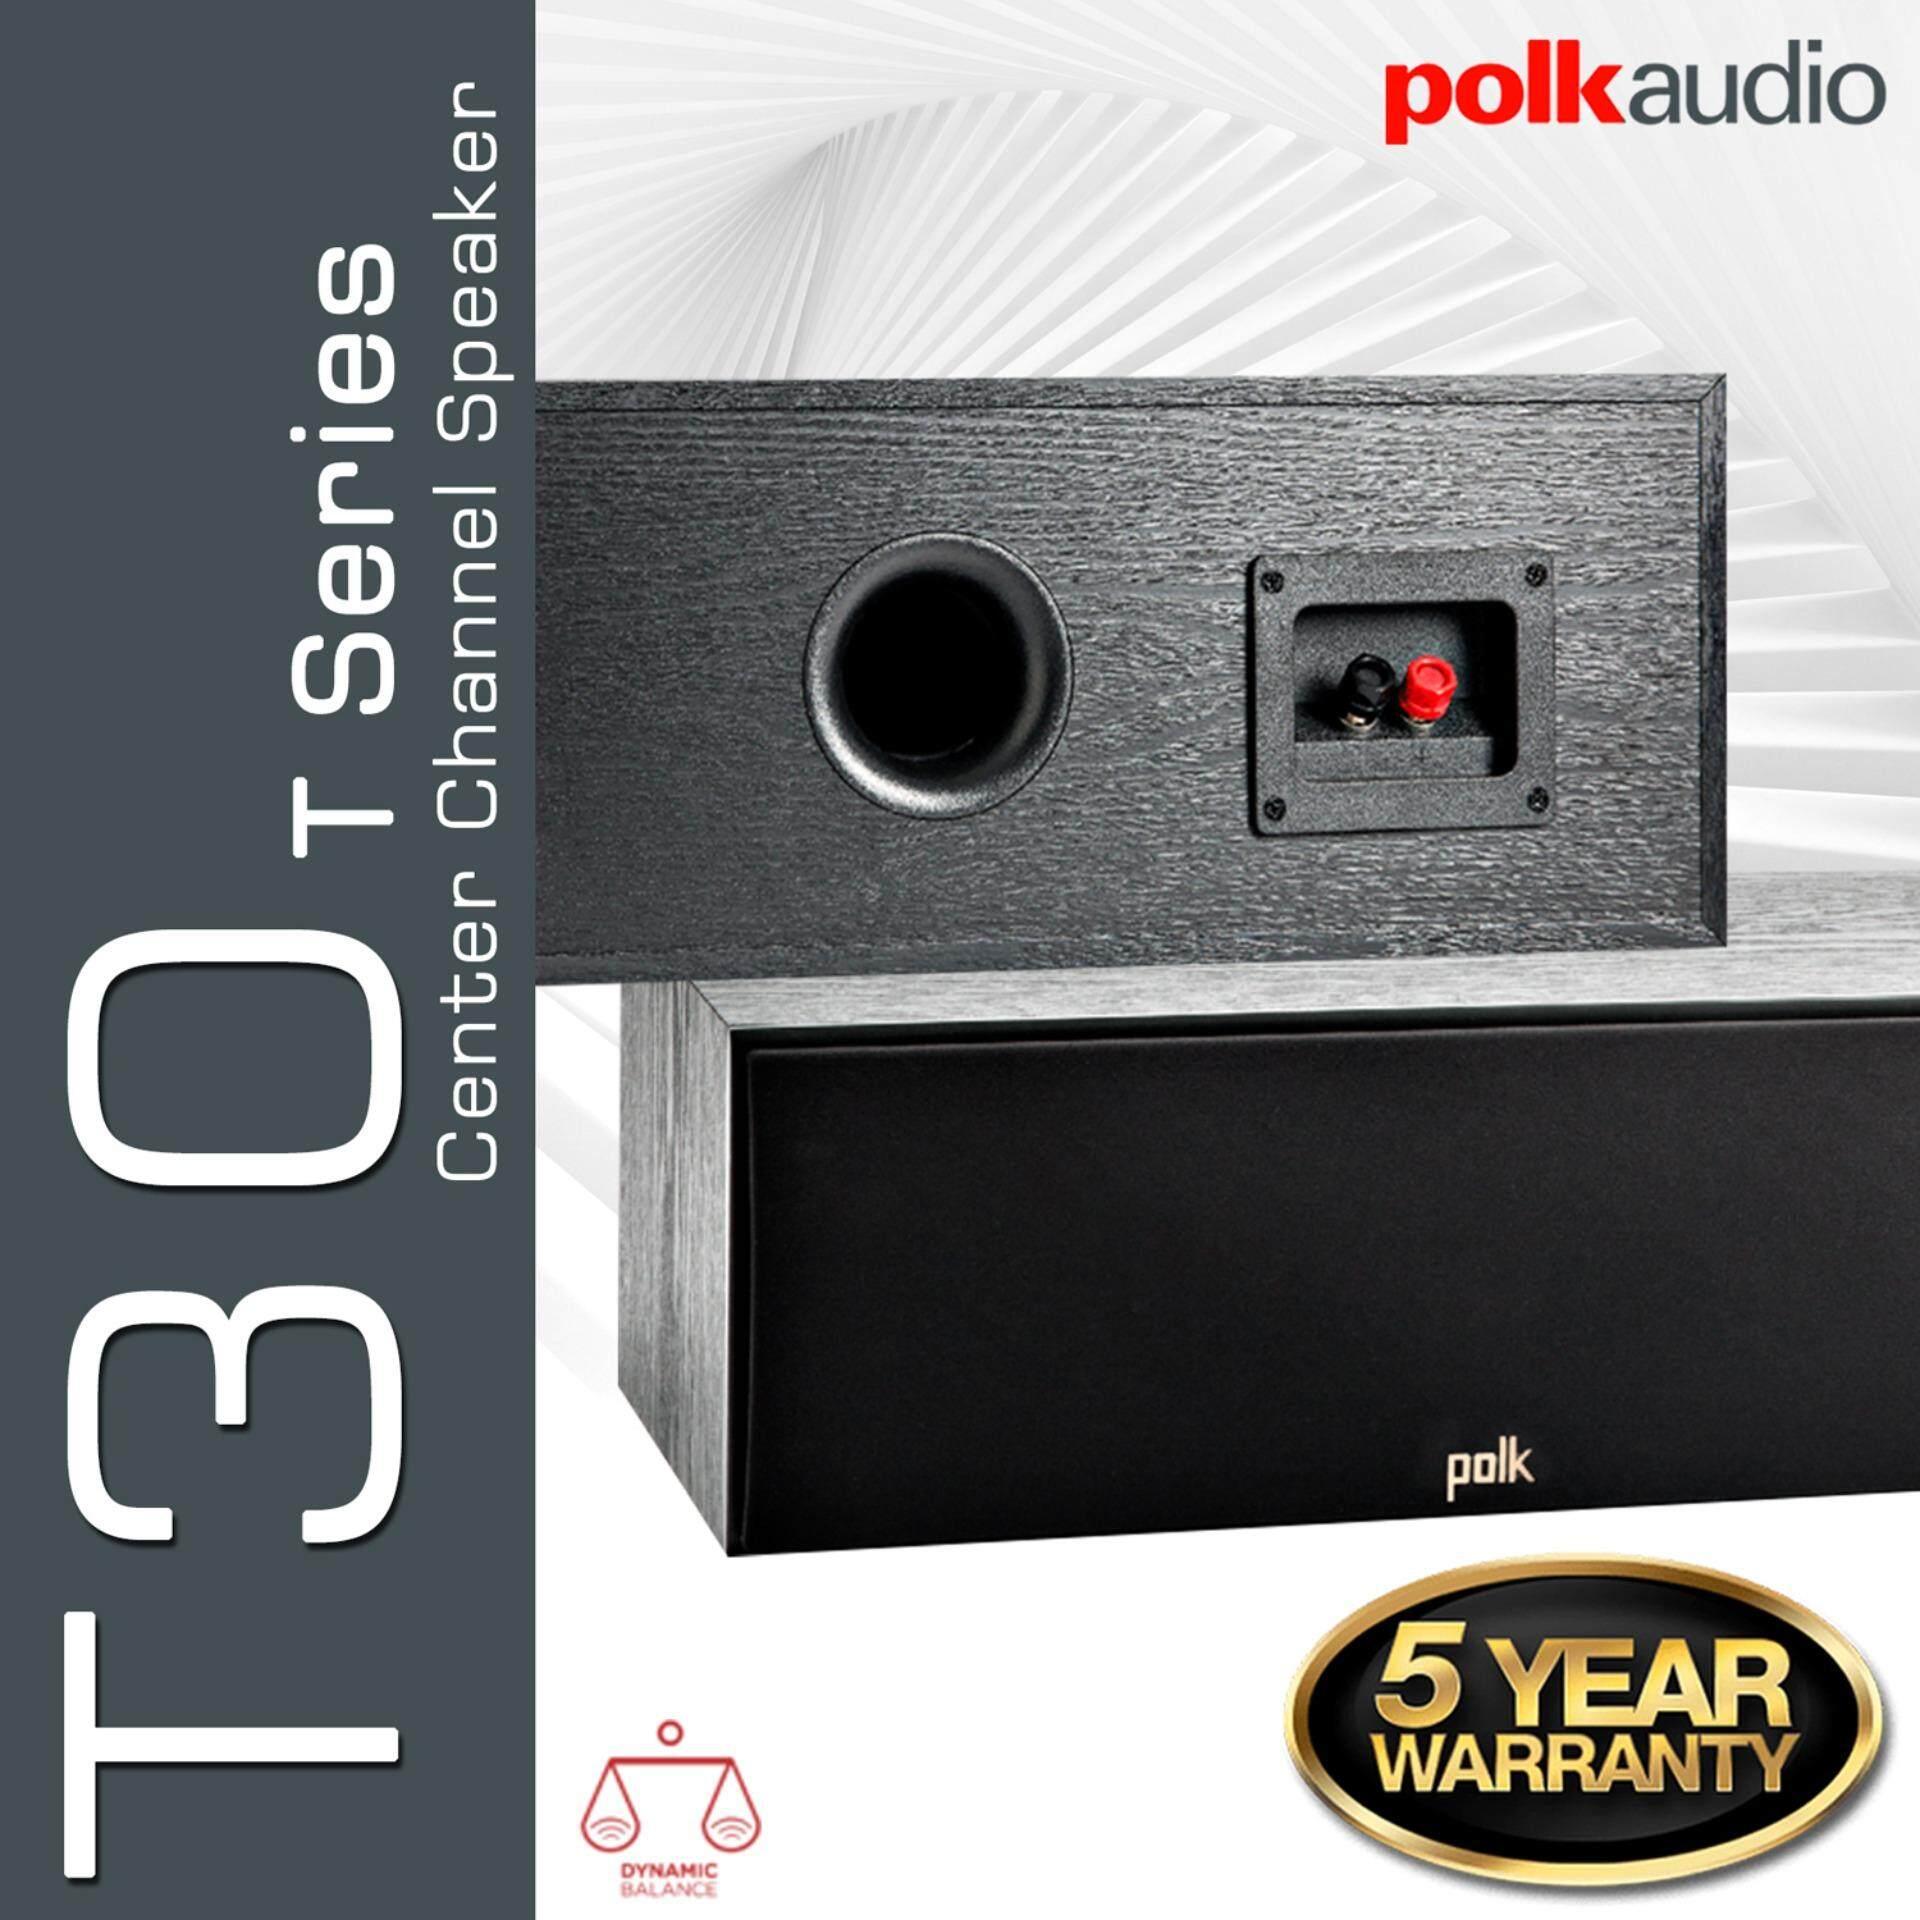 การใช้งาน  เชียงราย Polk Audio T30 - Center Channel Speaker รับประกัน 5ปี ศูนย์ POWER BUY จากผู้นำเข้าอย่างเป็นทางการ